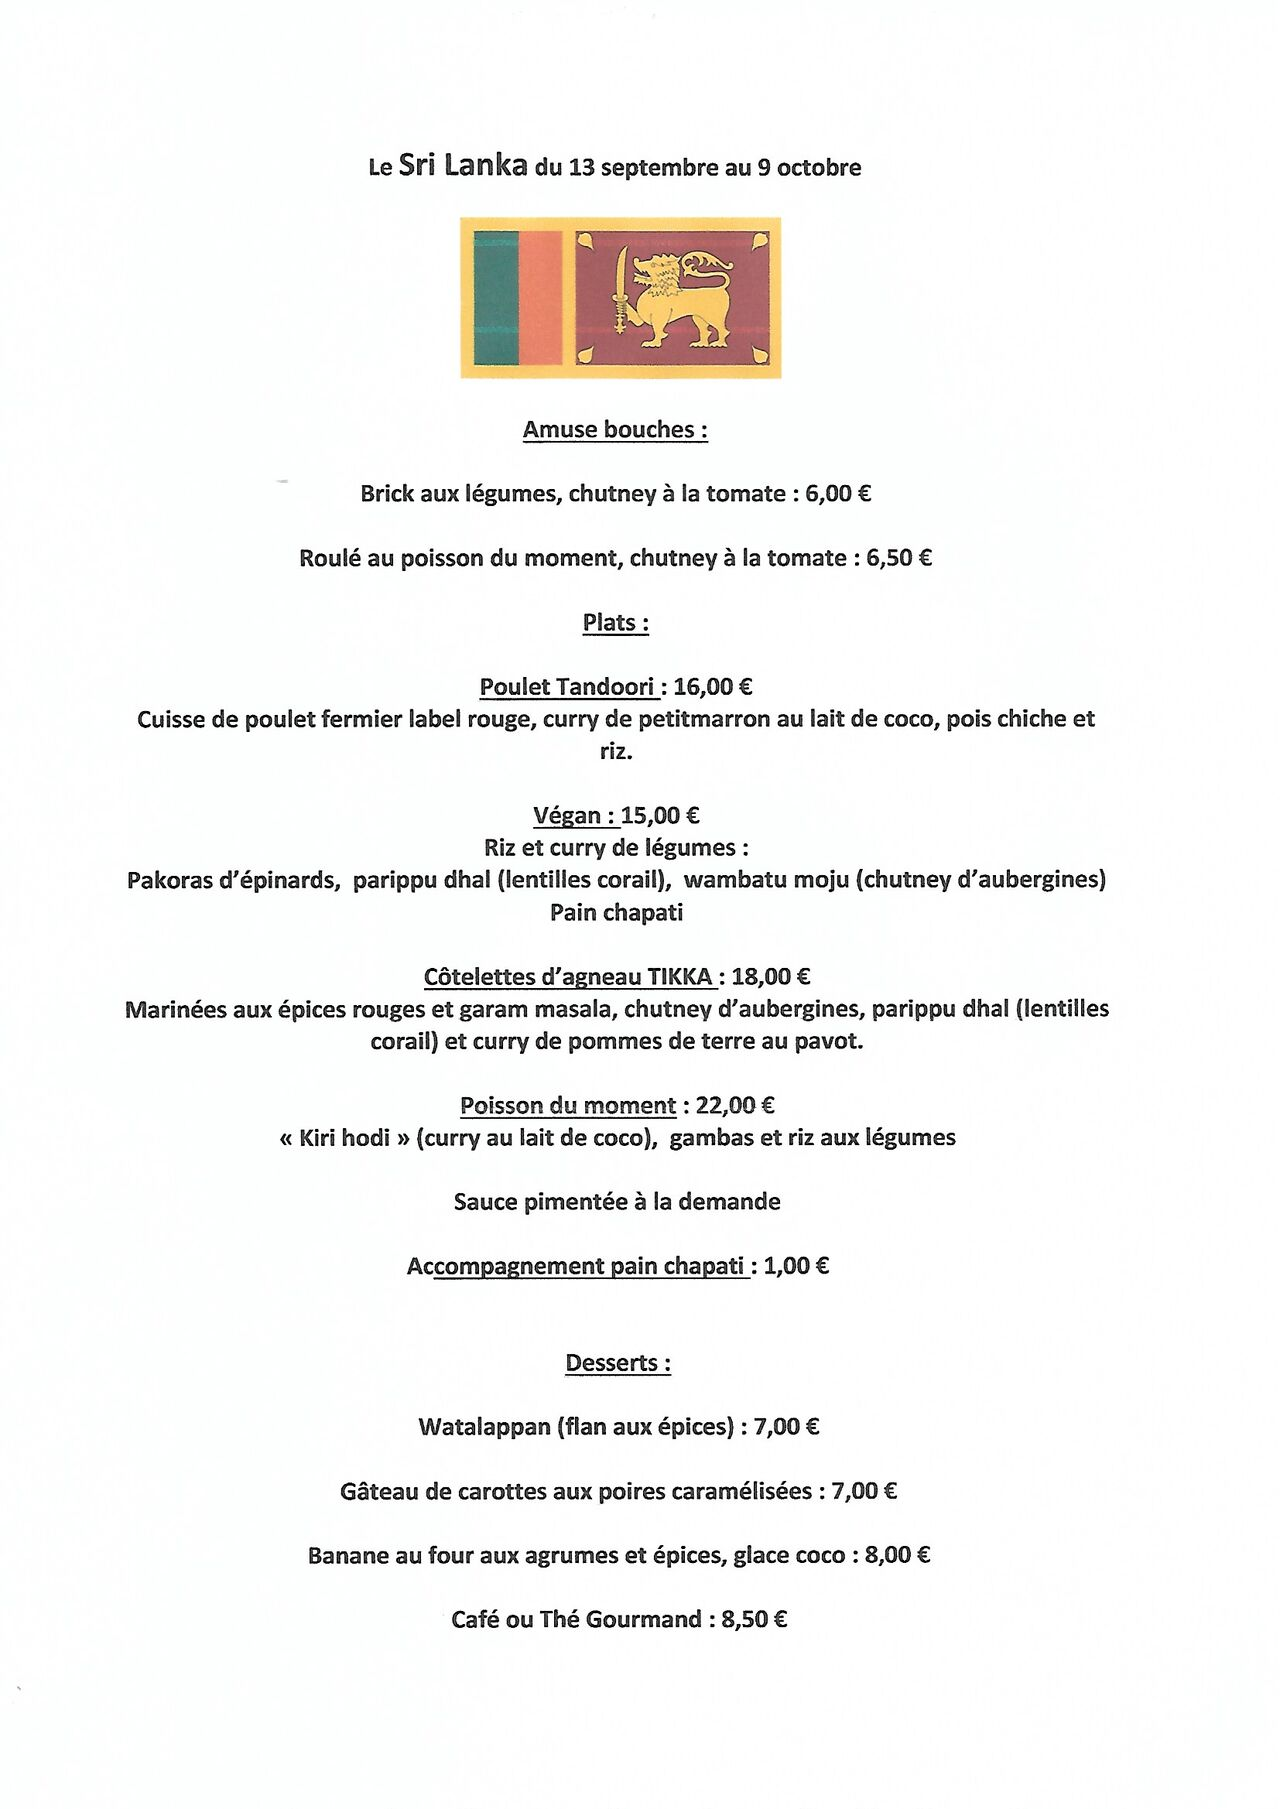 Et voici le menu du Sri Lanka